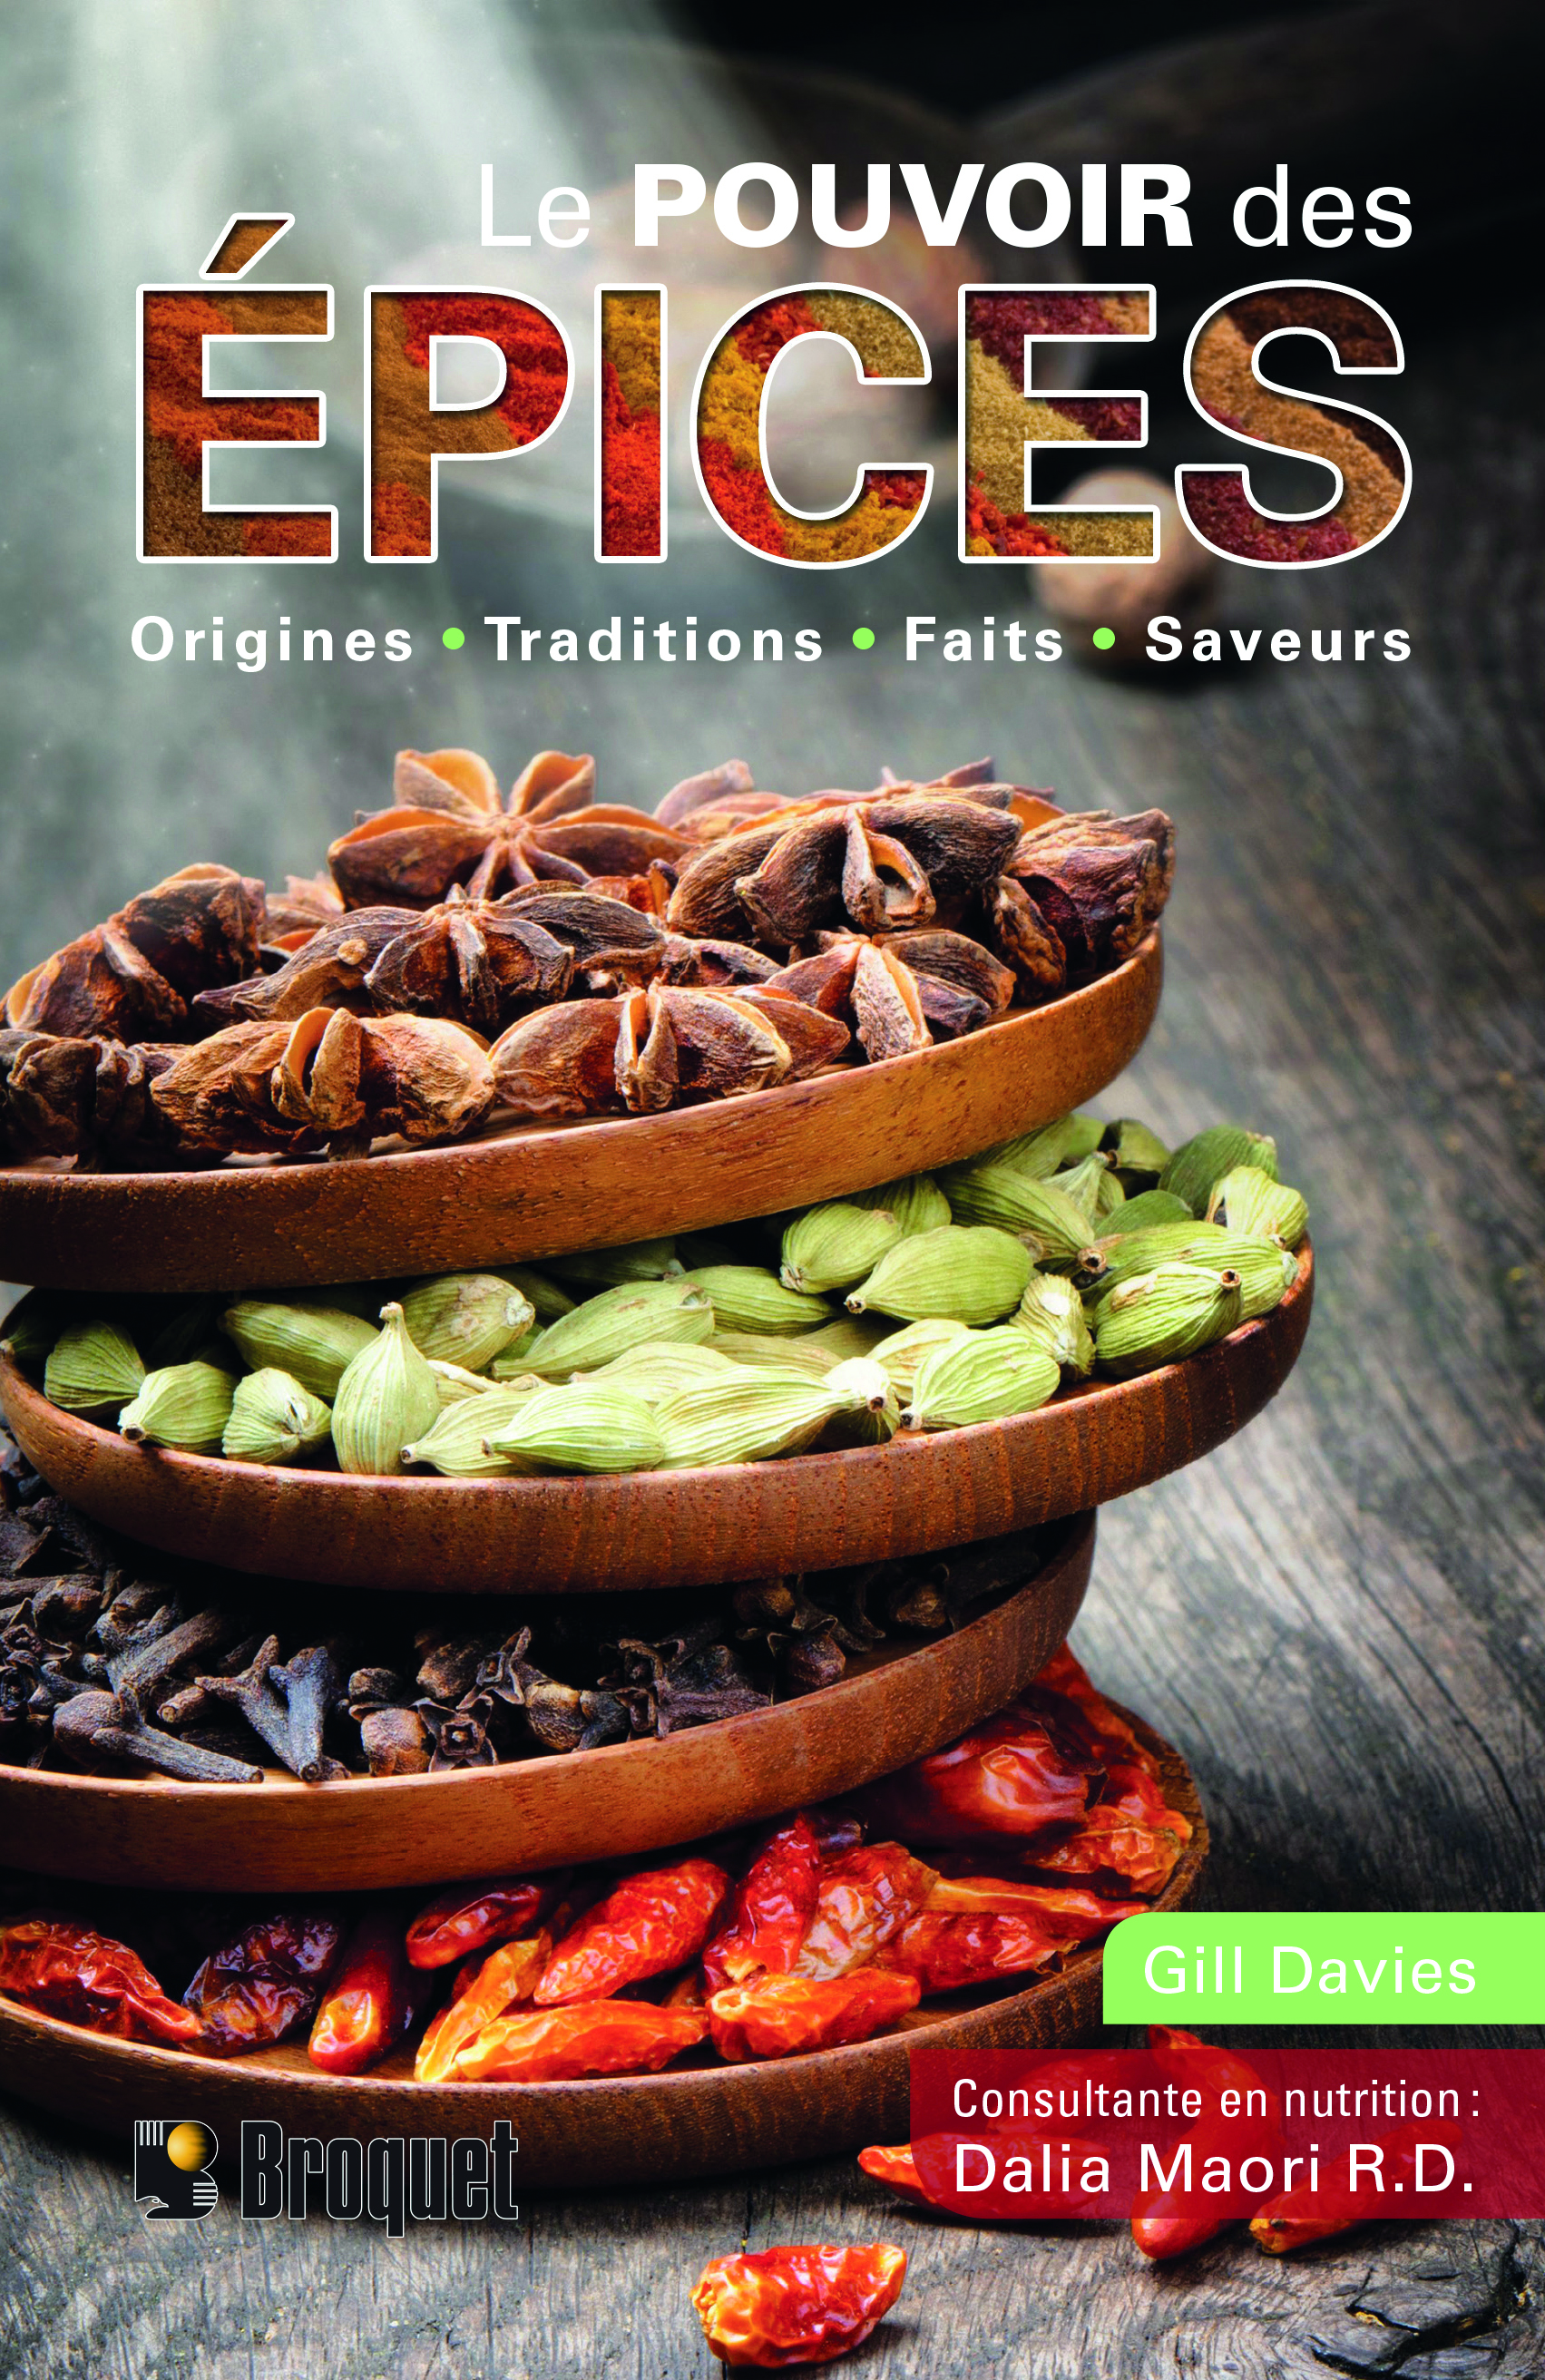 Le pouvoir des épices: Origines - Traditions - Faits - Saveurs